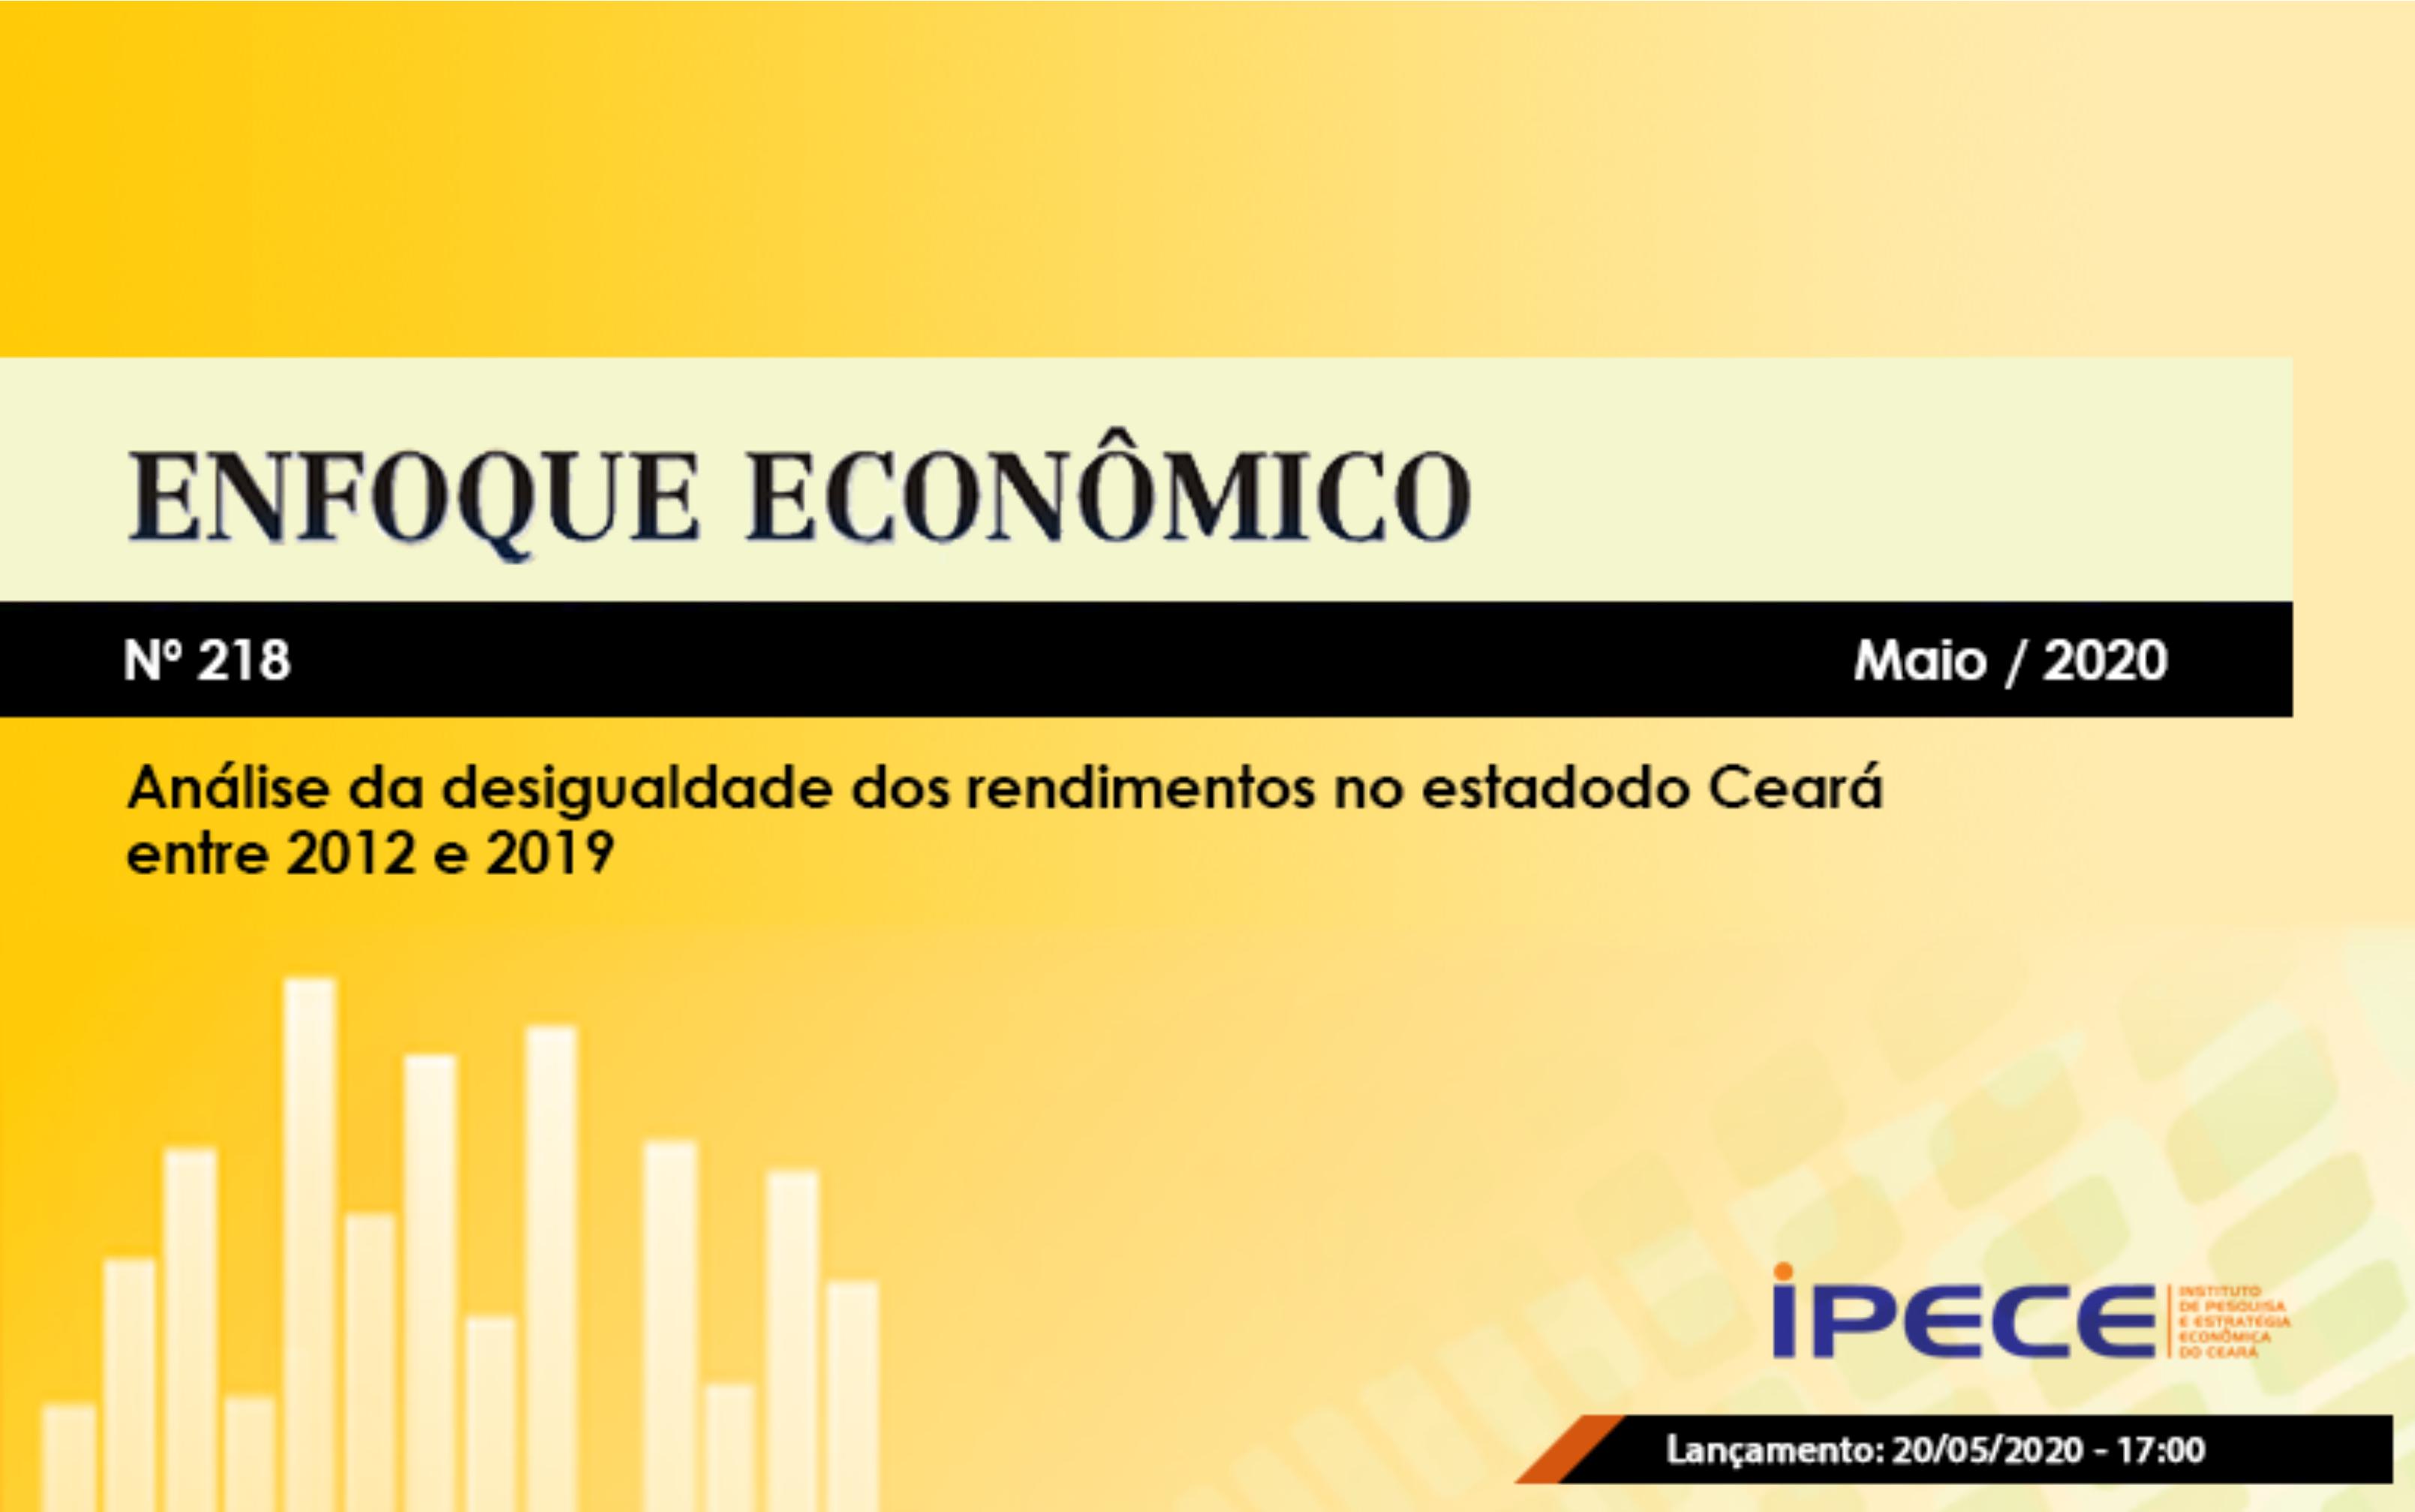 Novo estudo do Ipece analisa desigualdade de rendimento no Ceará